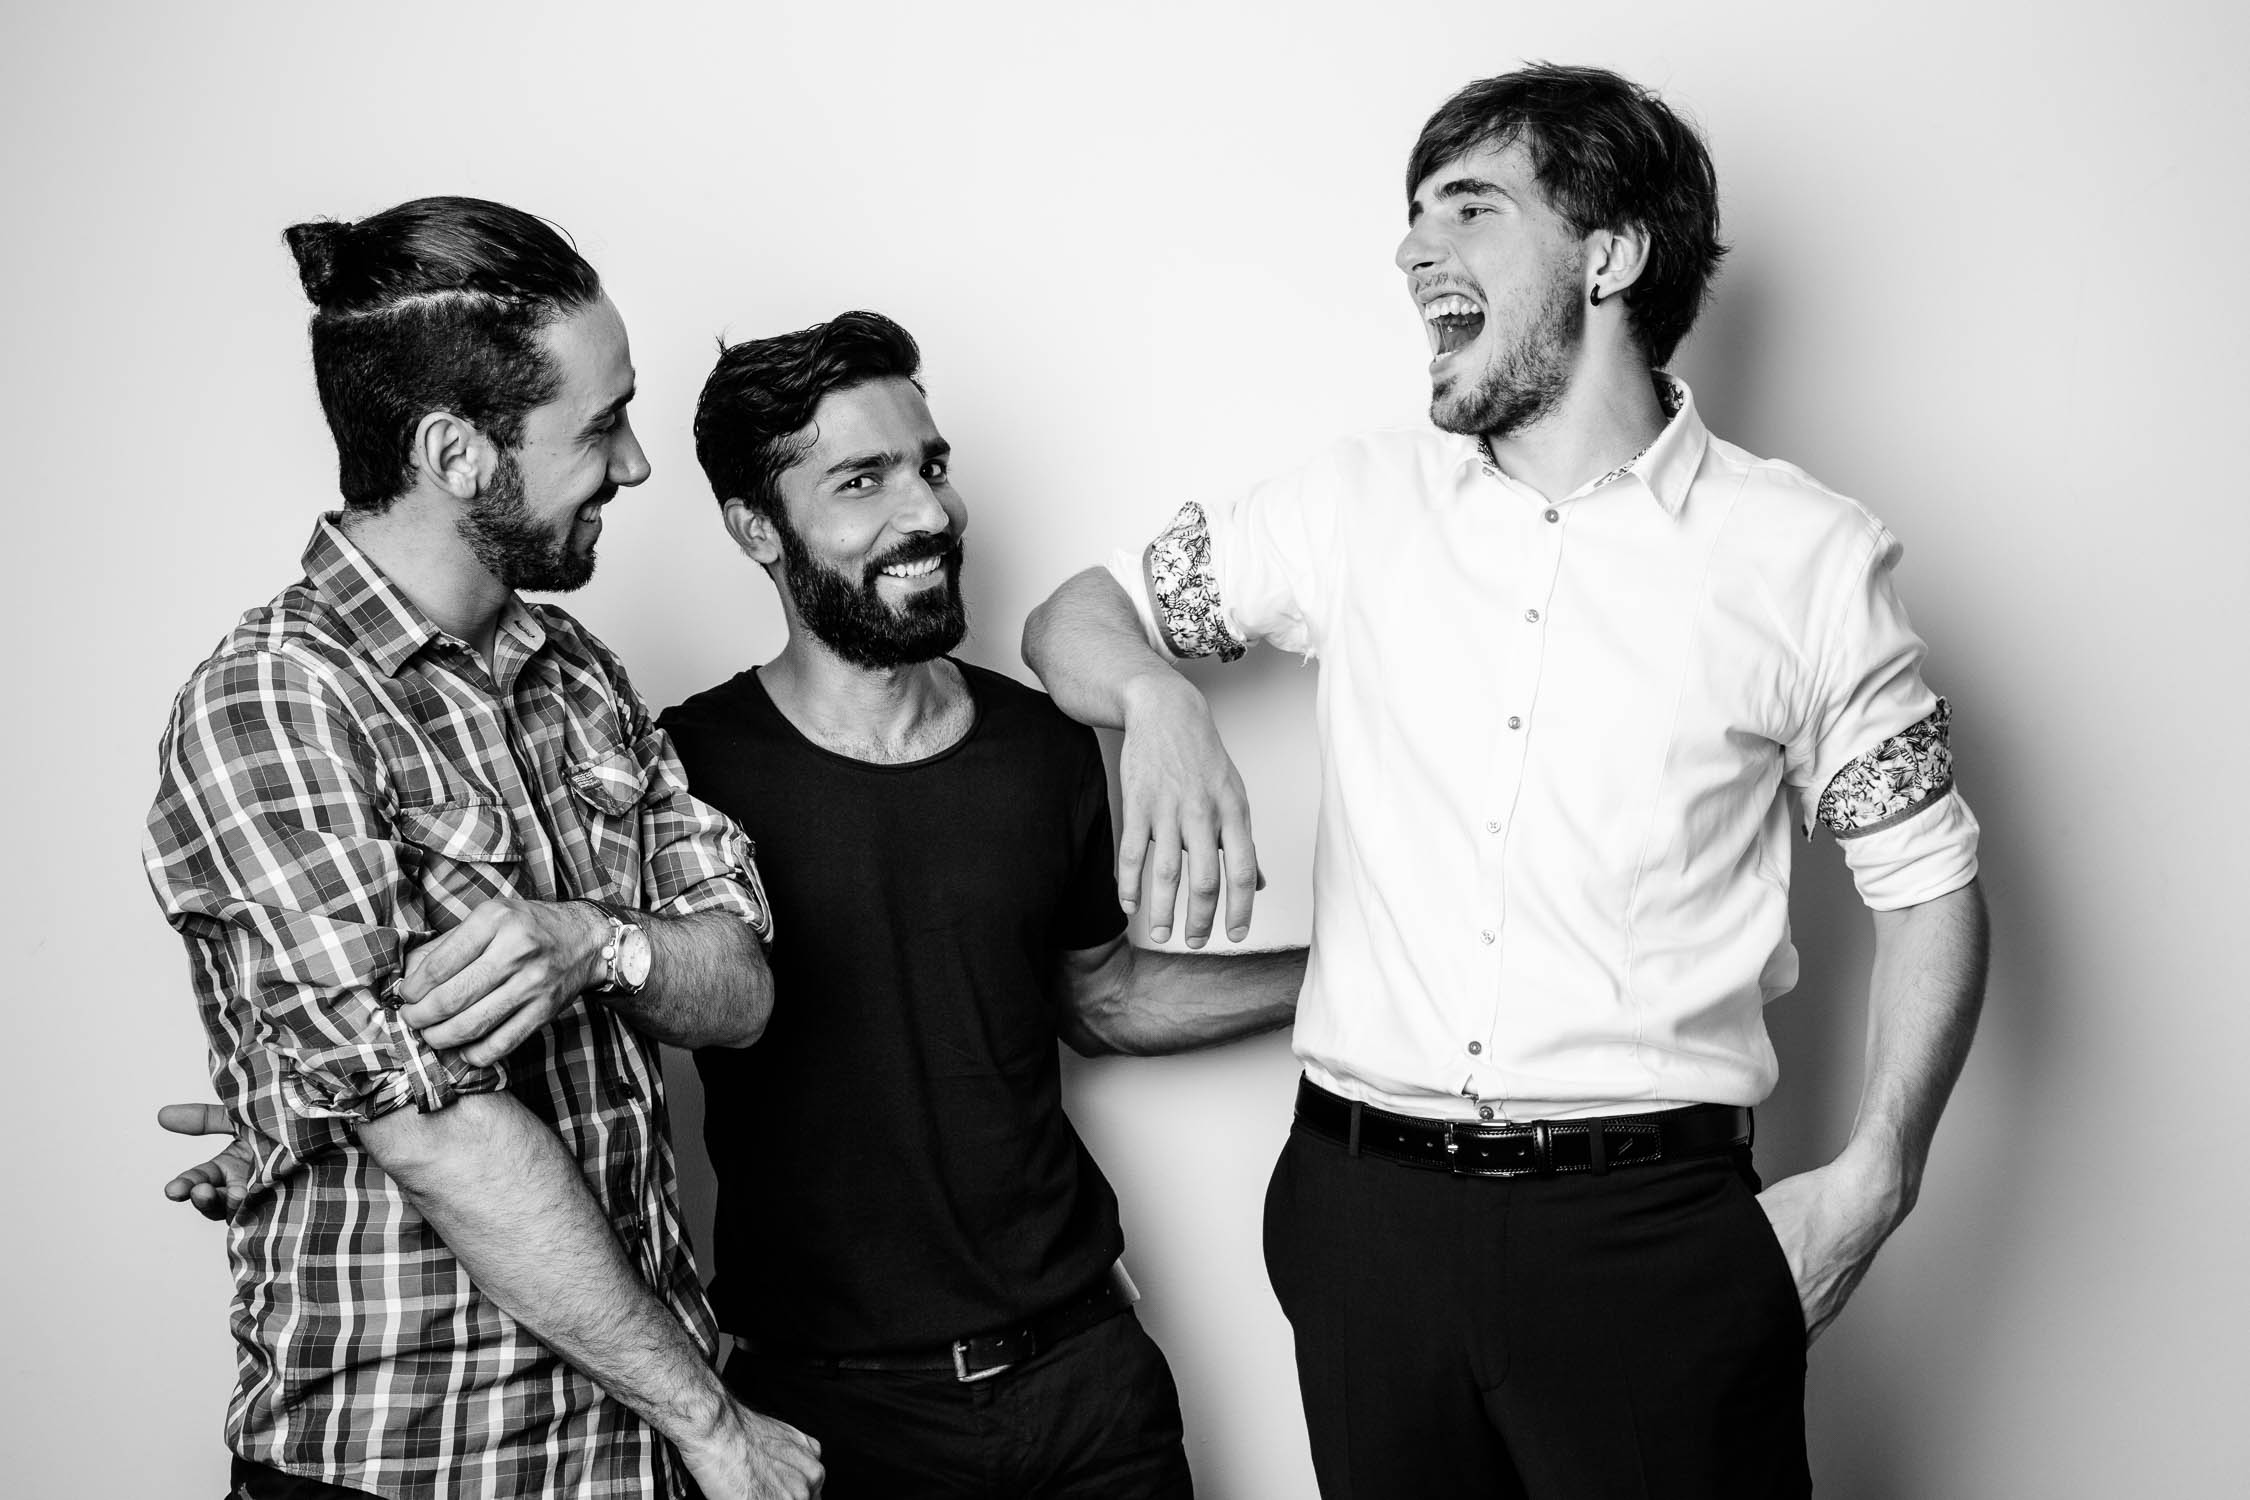 Teamfoto-Startup-SWFotostudio-Berlin-Annette-Koroll-Fotos-Businessportrait